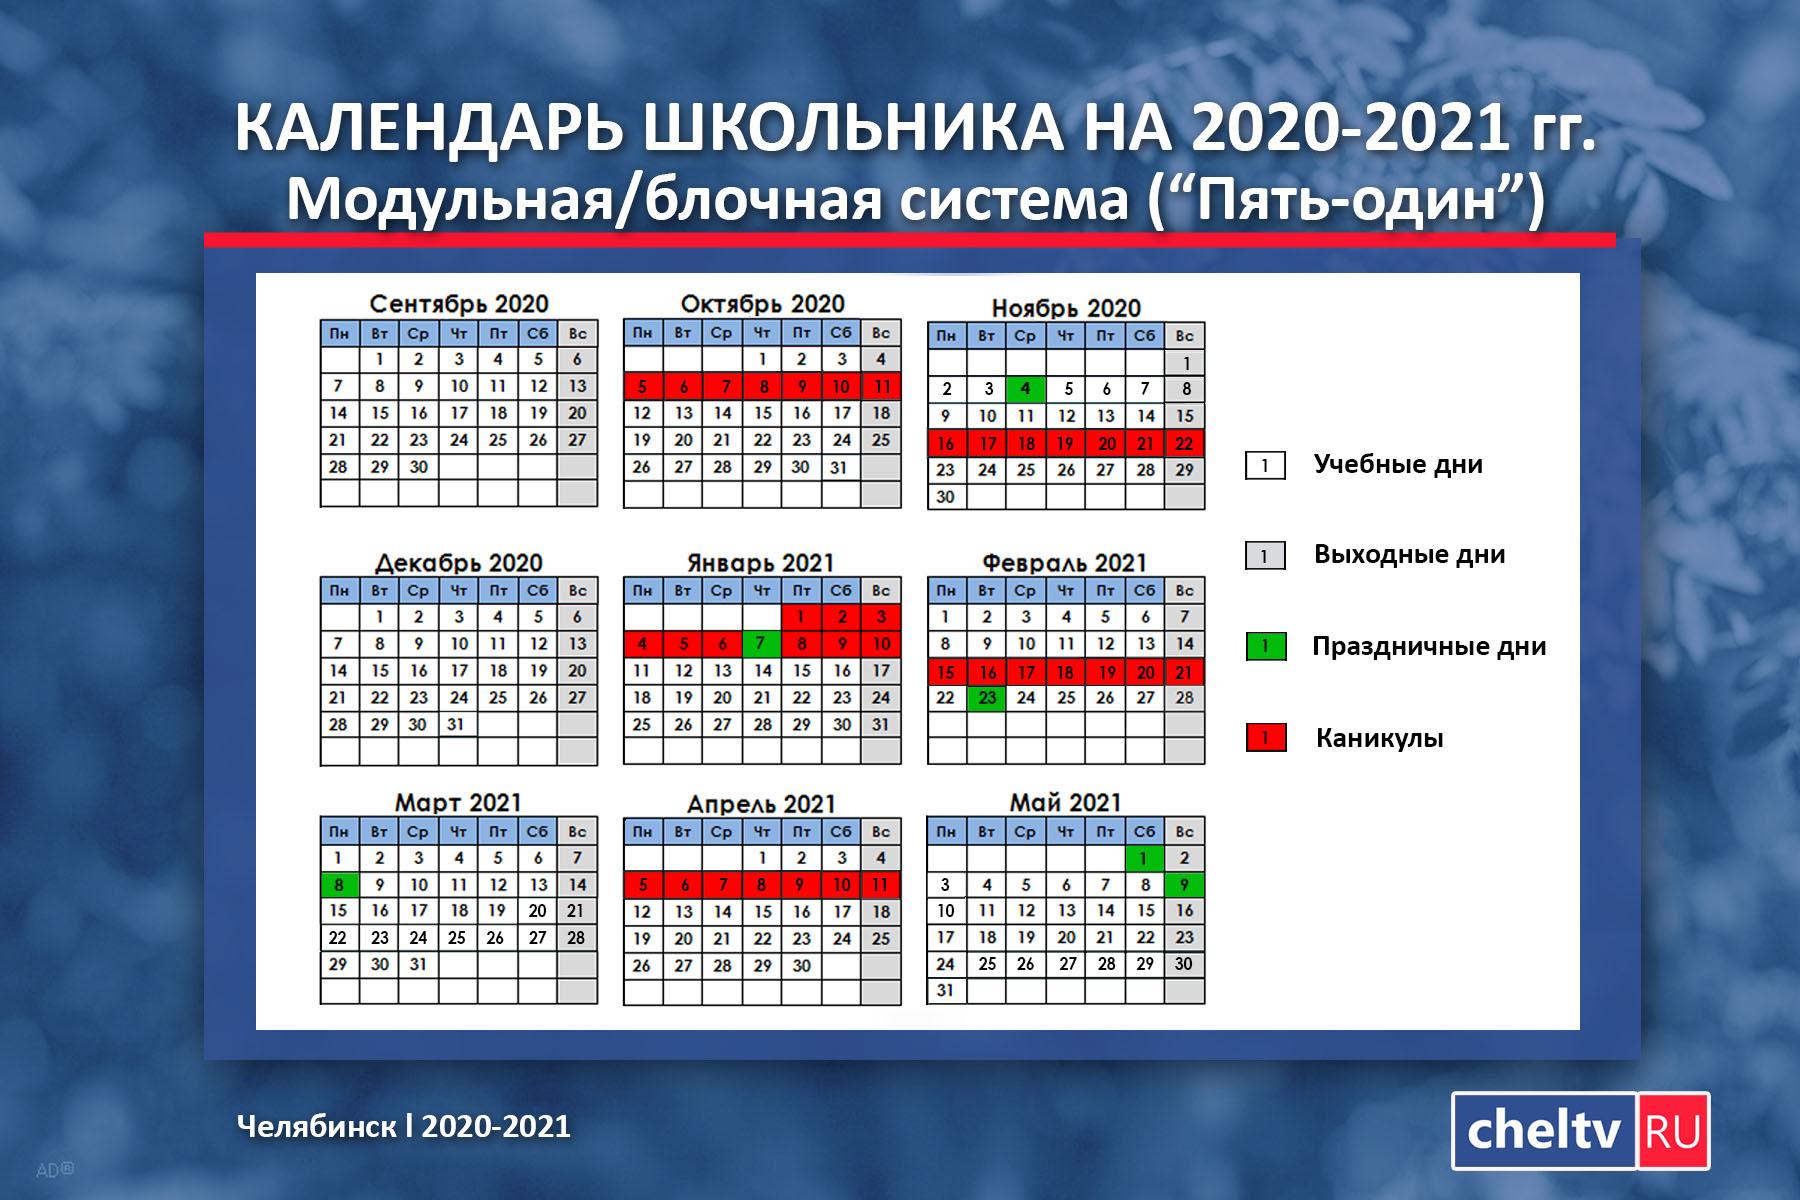 Когда начнутся каникулы 2020/2021: расписание для школьников Челябинска и области